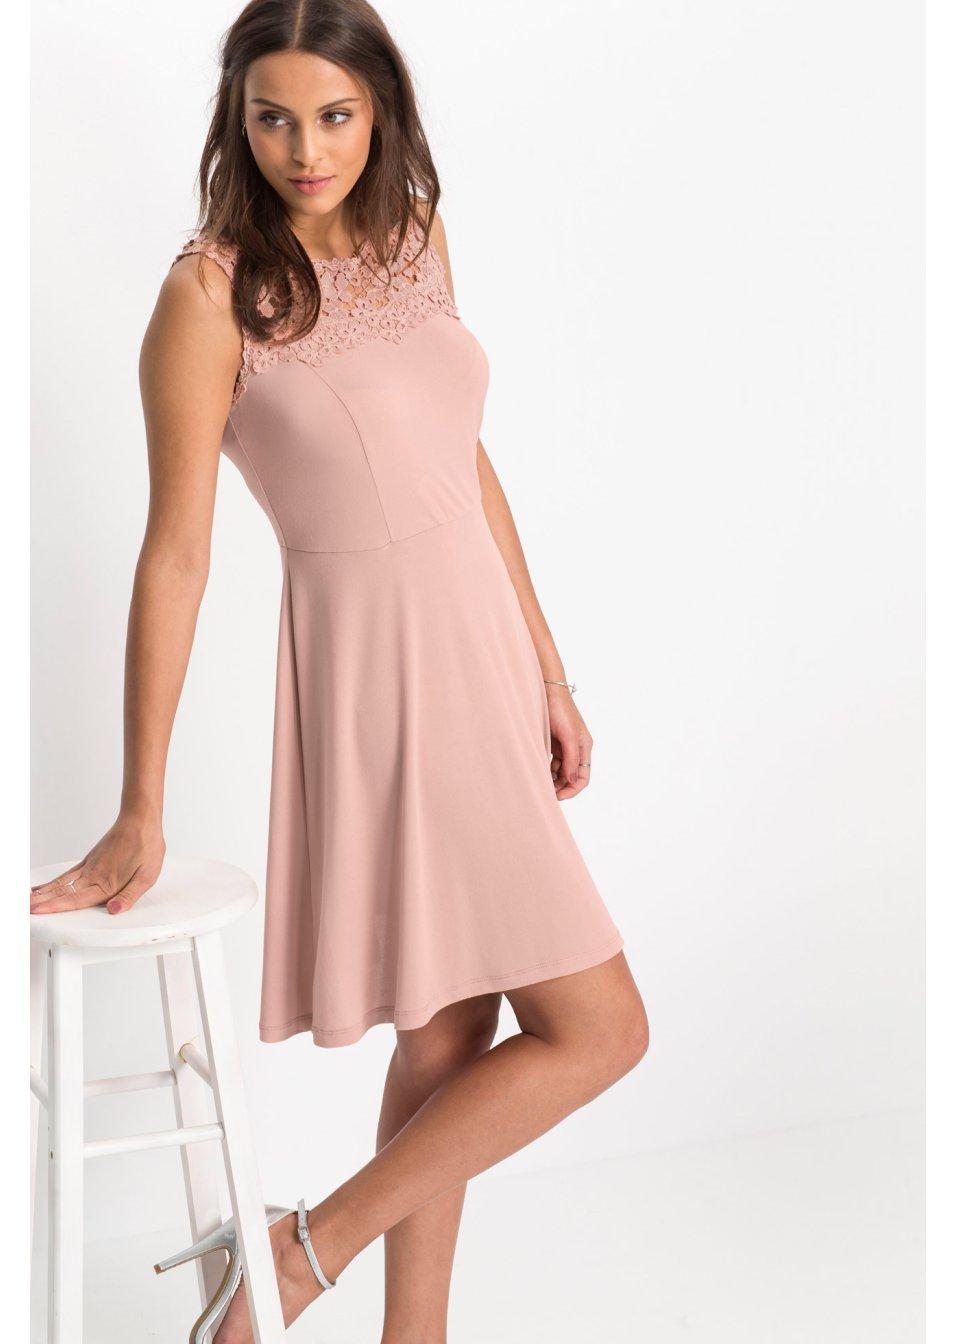 robe en jersey avec dentelle rose vintage bodyflirt acheter online